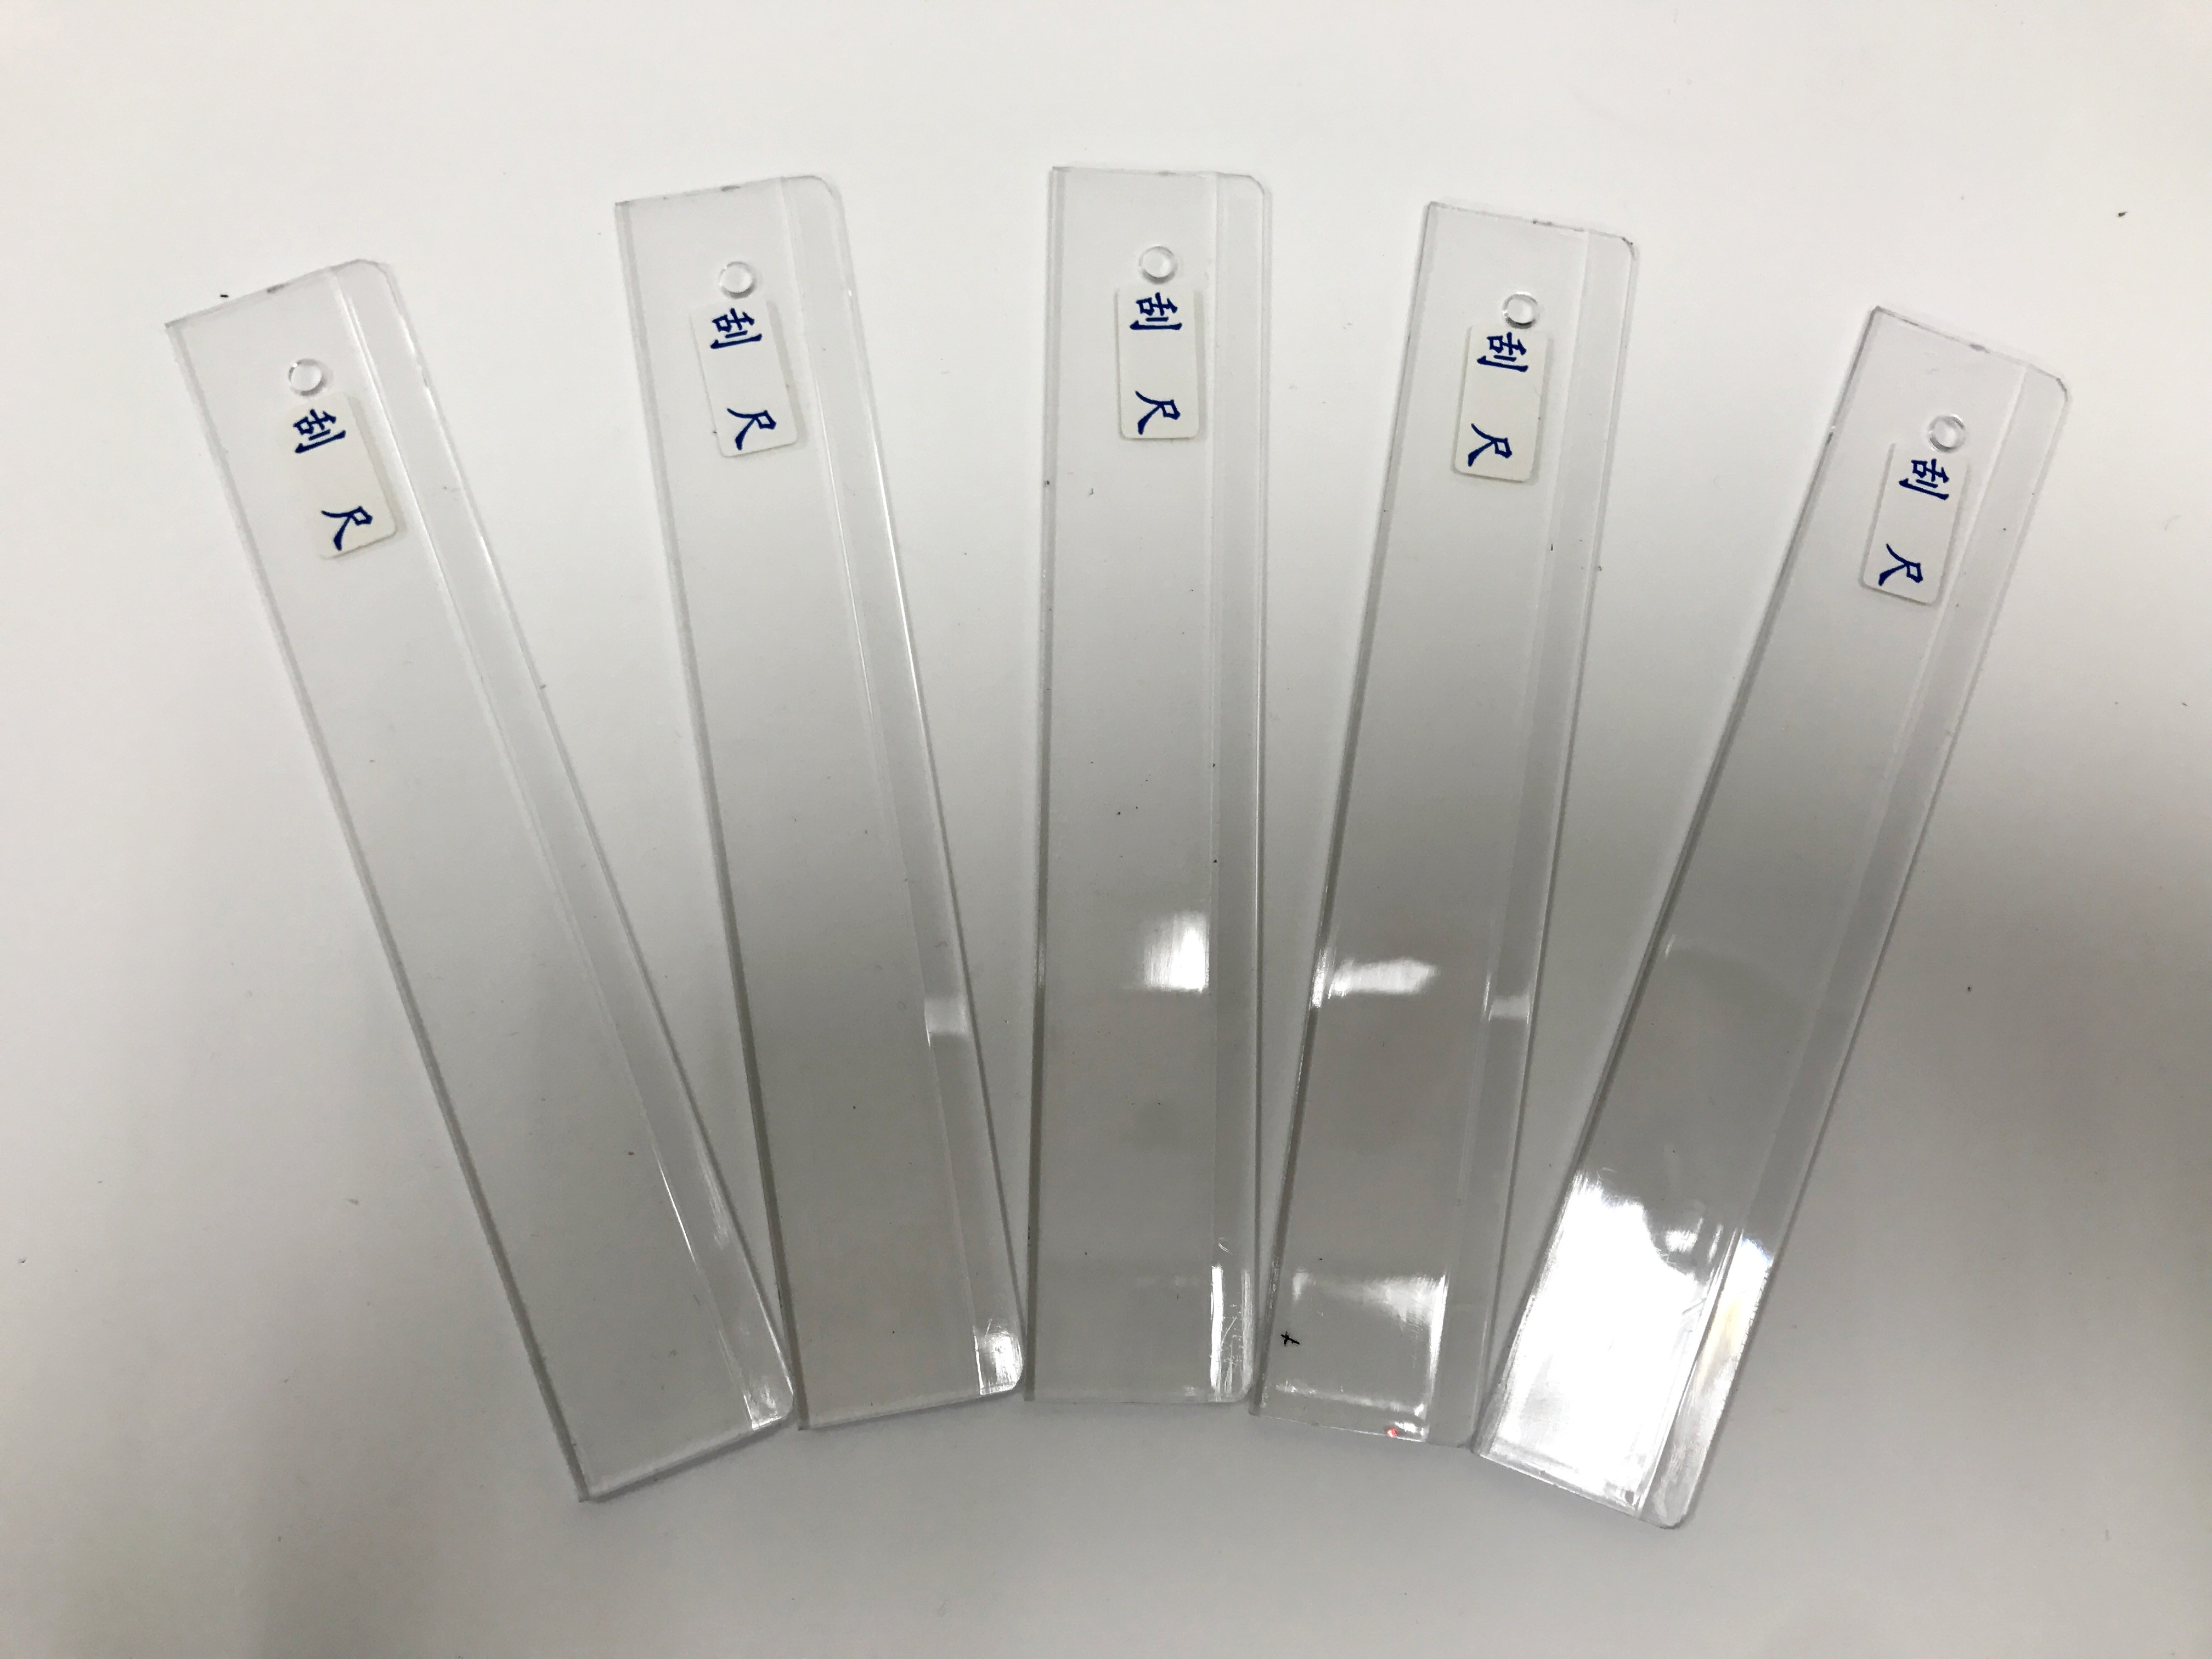 塑膠刮尺(5入)簡易式刮刀